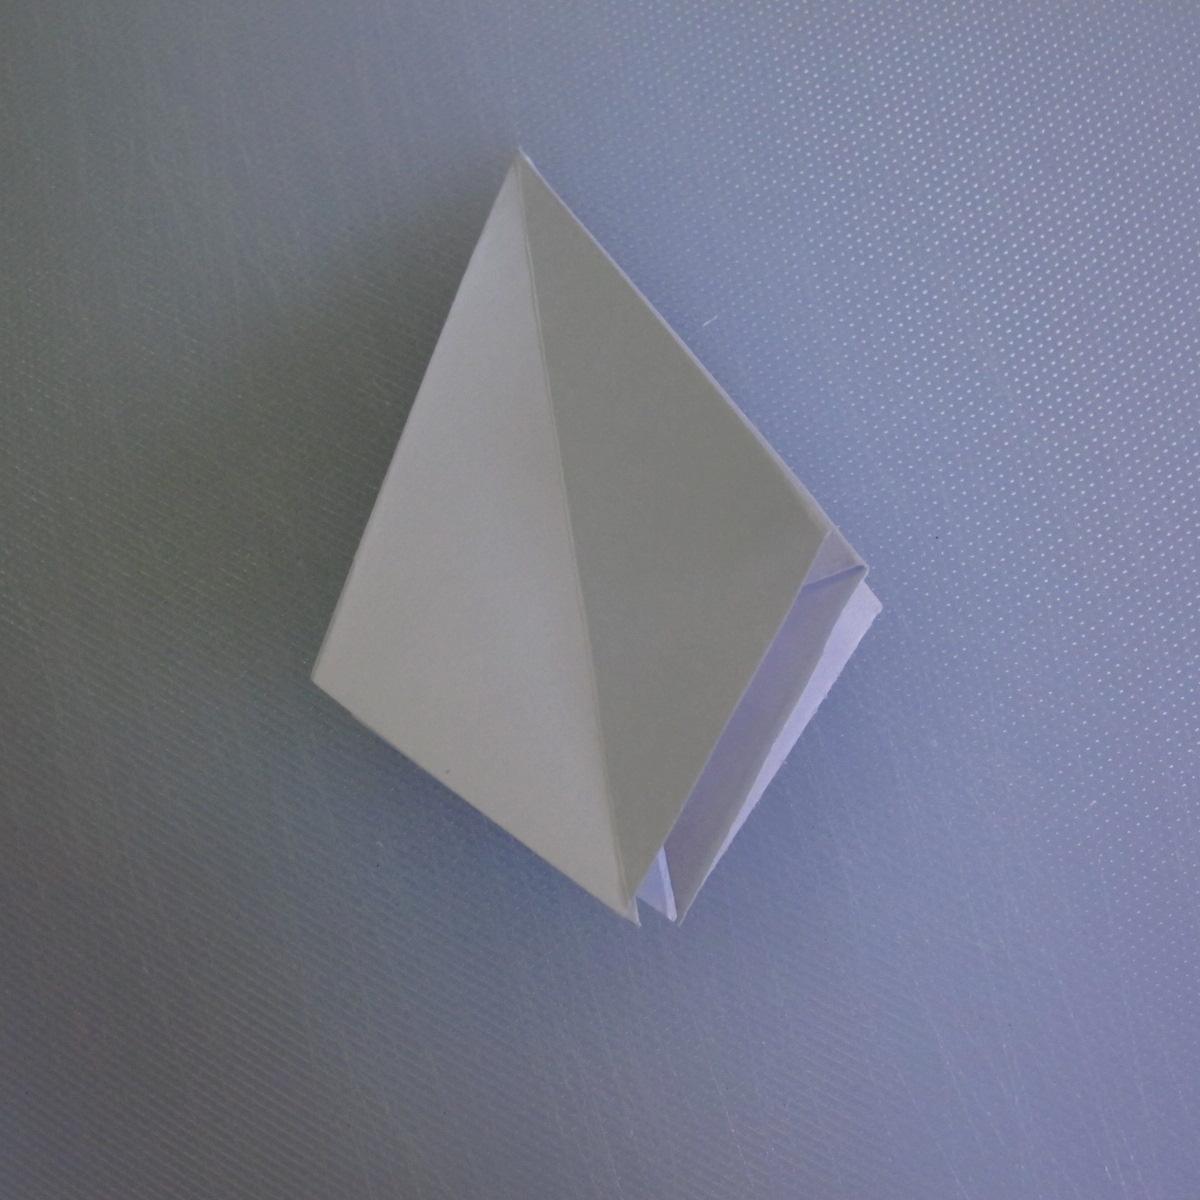 วิธีพับกระดาษเป็นรูปดอกลิลลี่ 010